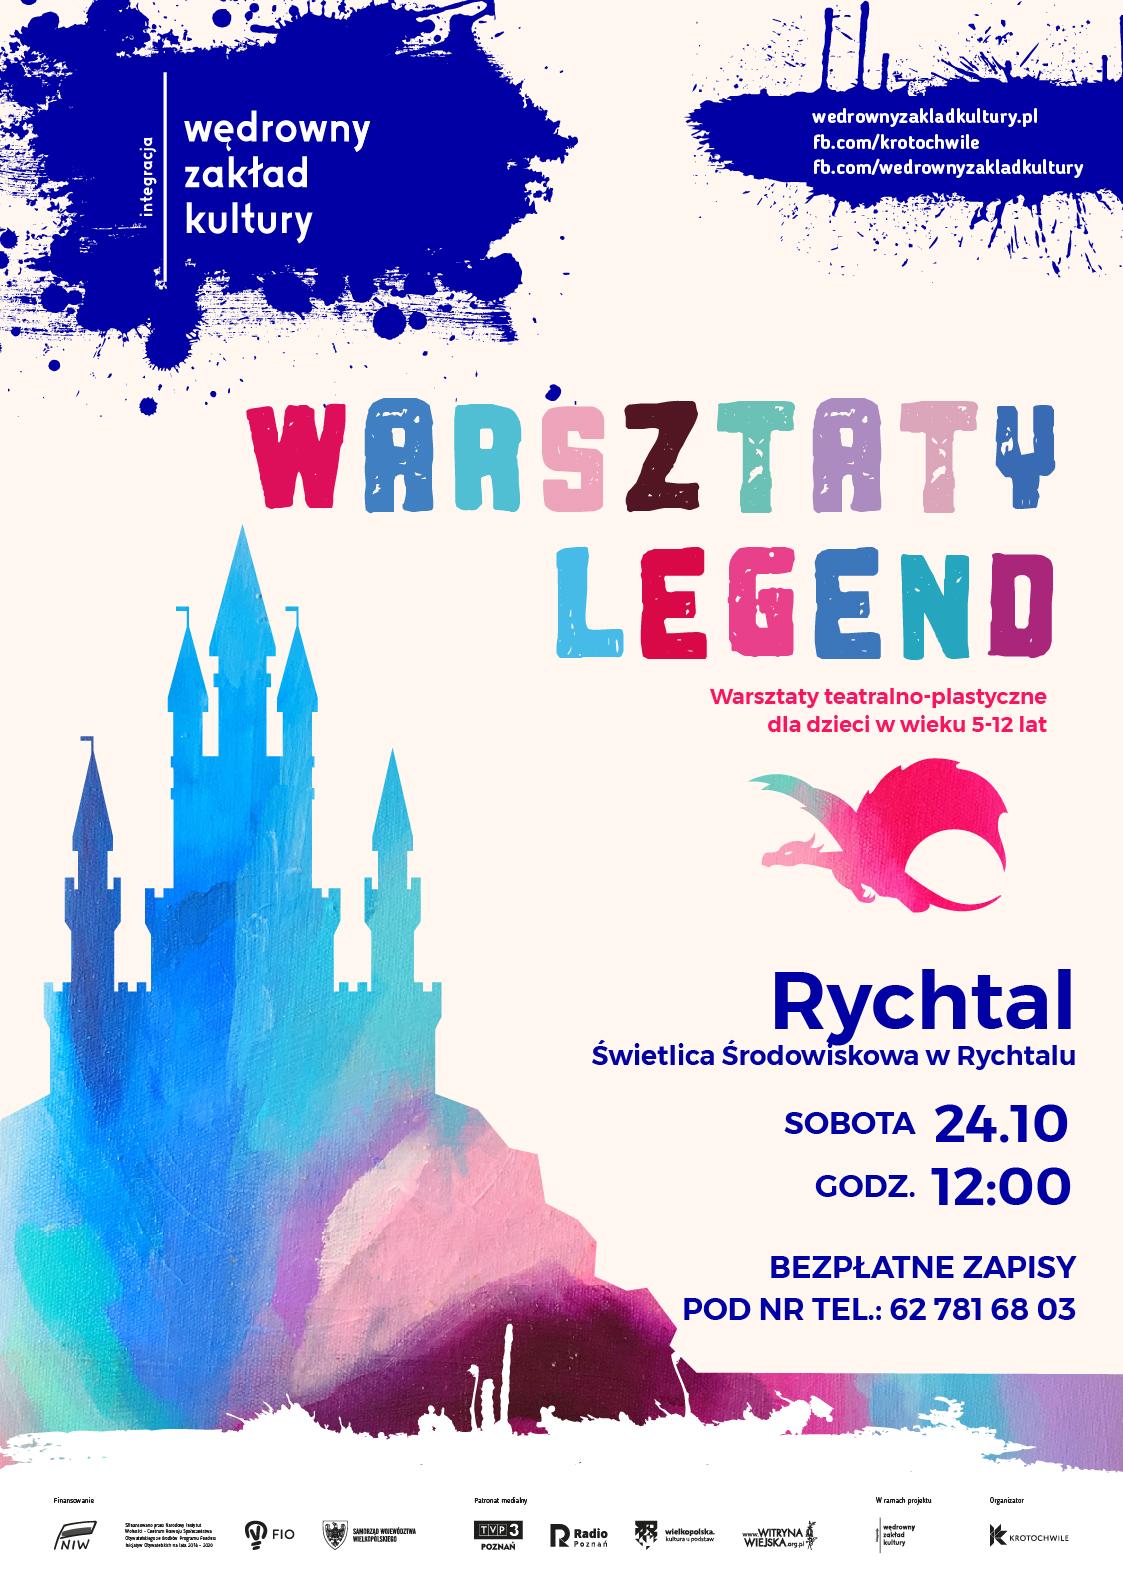 23_WZK_Rychtal_LEGENDY_2020.10.24_WEB.jpeg